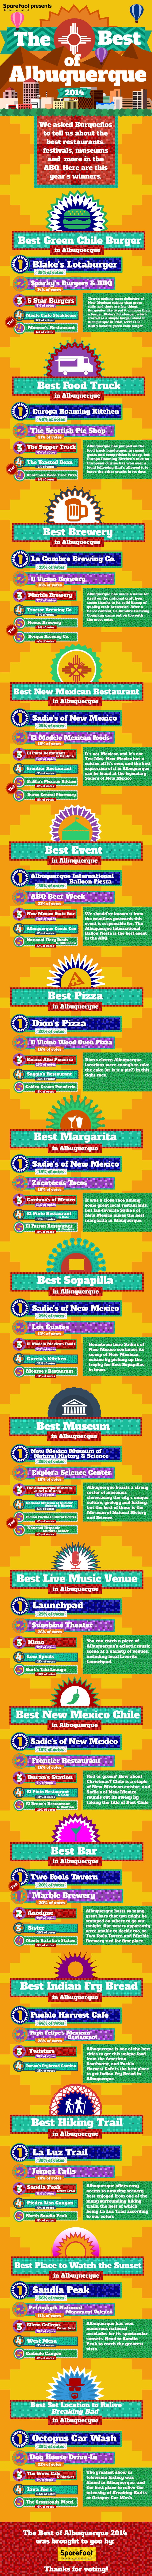 The Best of Albuquerque 2014